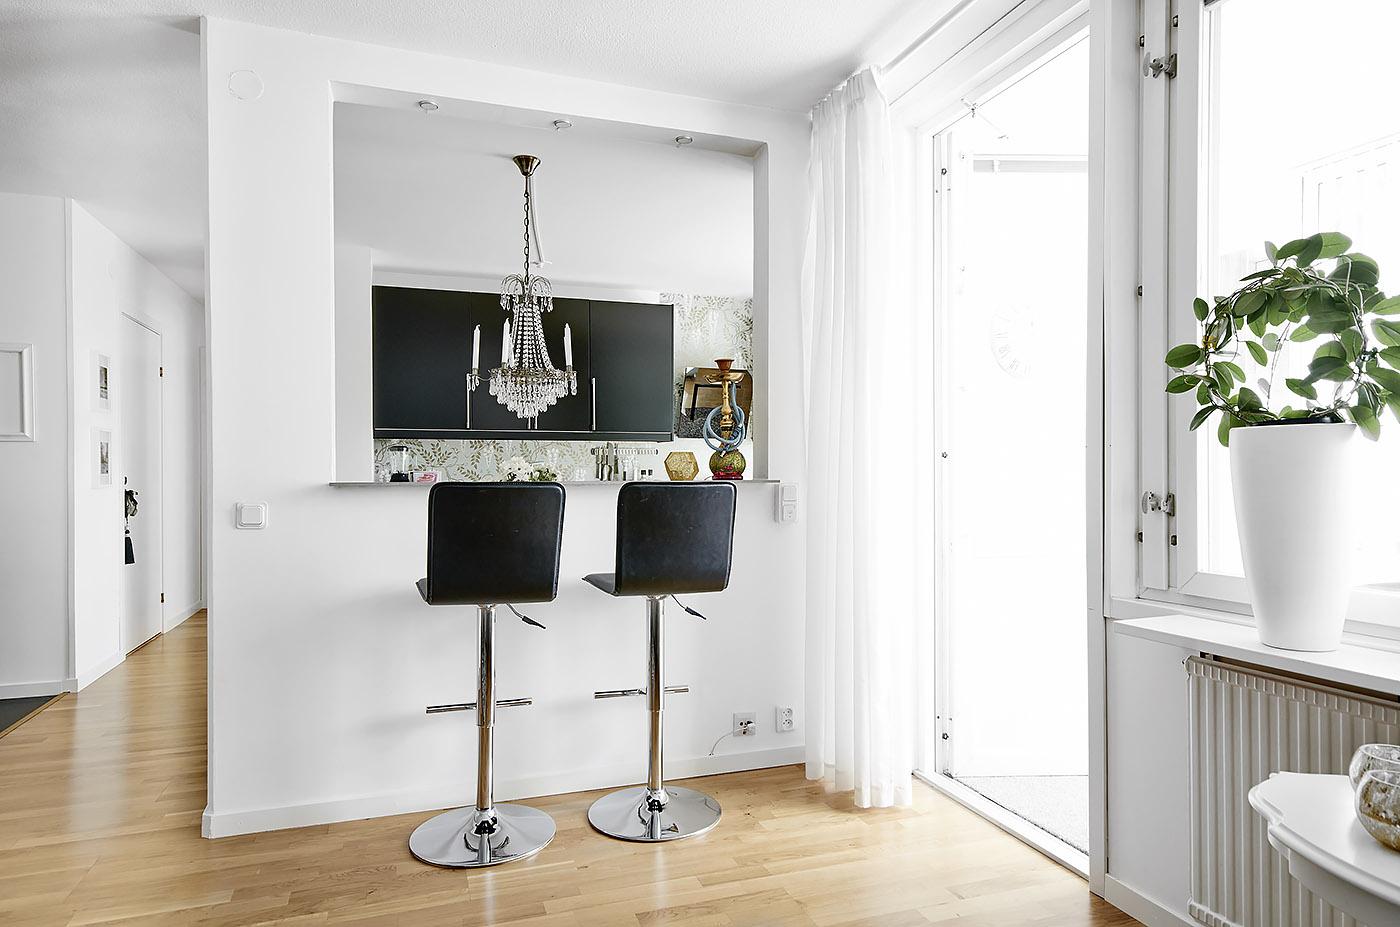 L mparas chandelier en la decoraci n moderna blog tienda for Lamparas estilo escandinavo